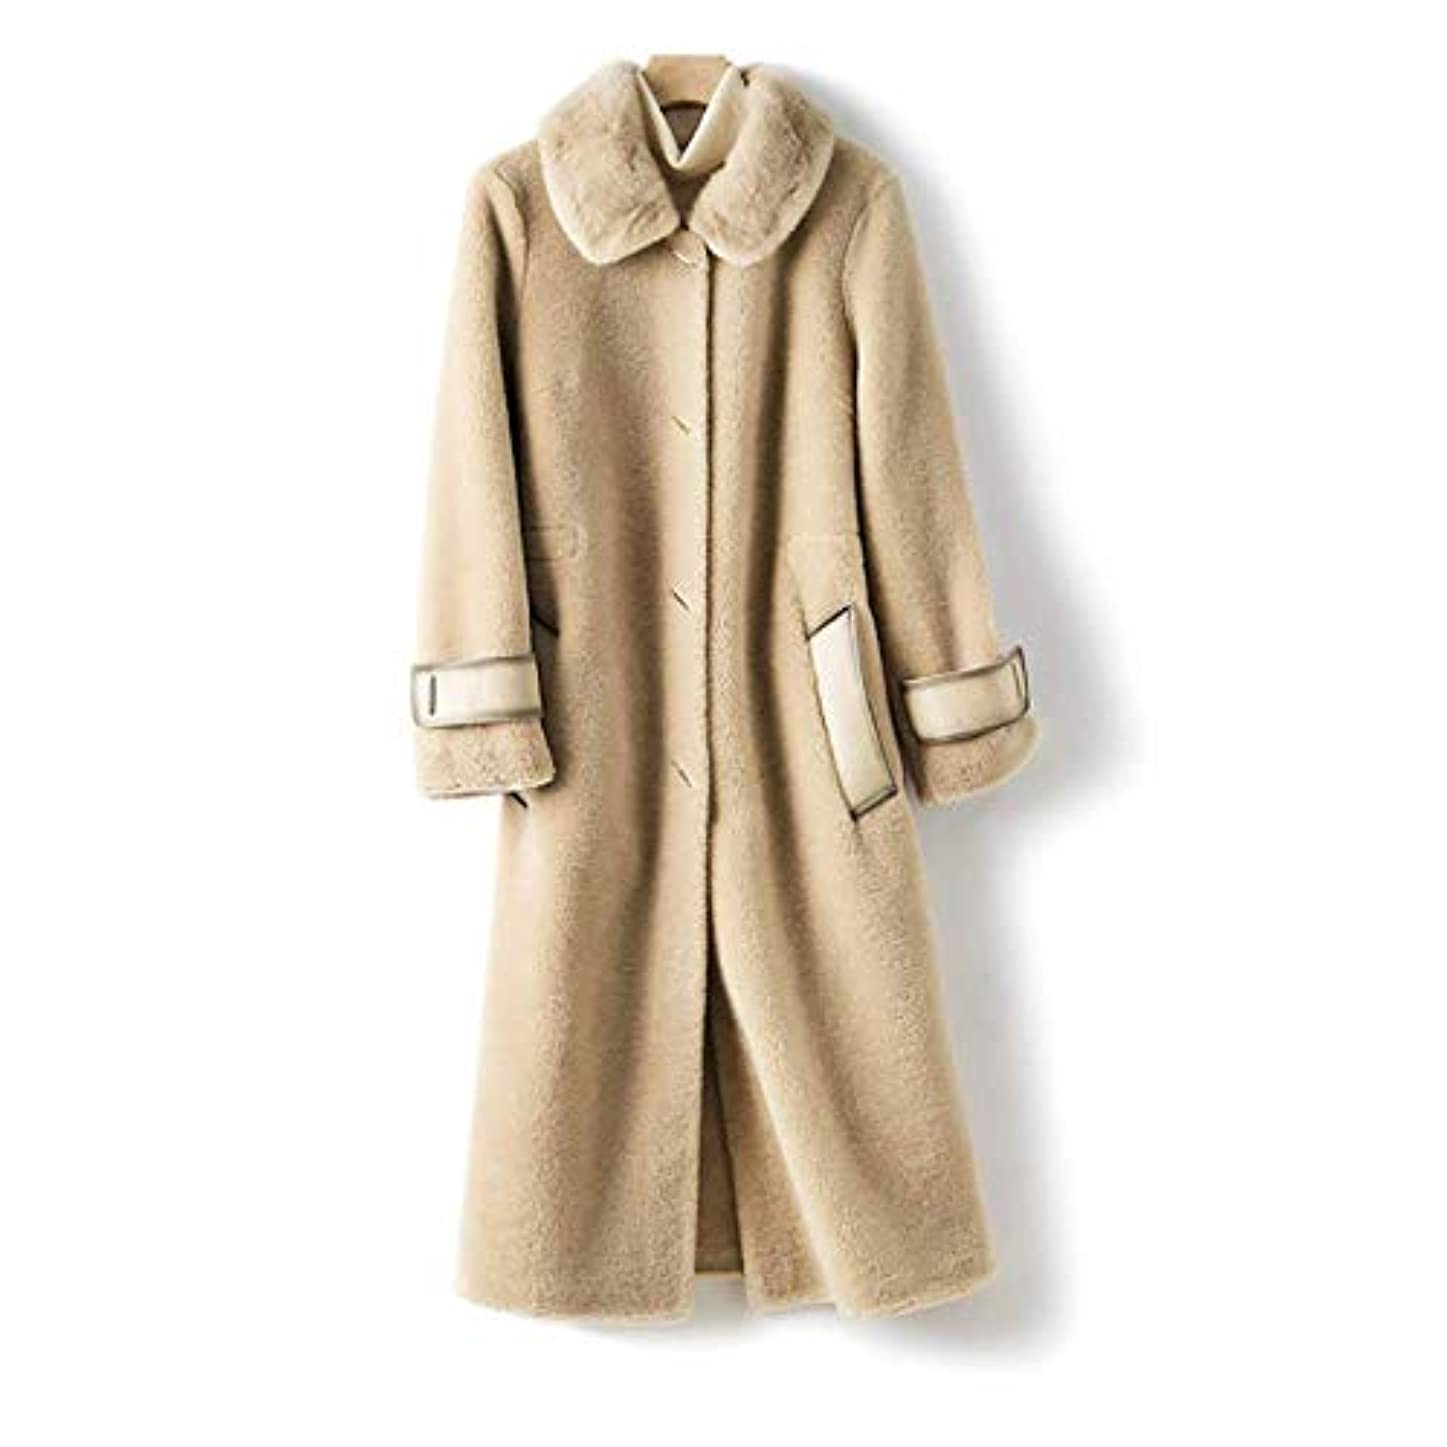 ヤギ元気なもっとウールコート婦人服、レディースジャケットレディースコートレディースウインドブレーカージャケットミンクファーカラーウールシープシアリング顆粒ロングコート,B,L